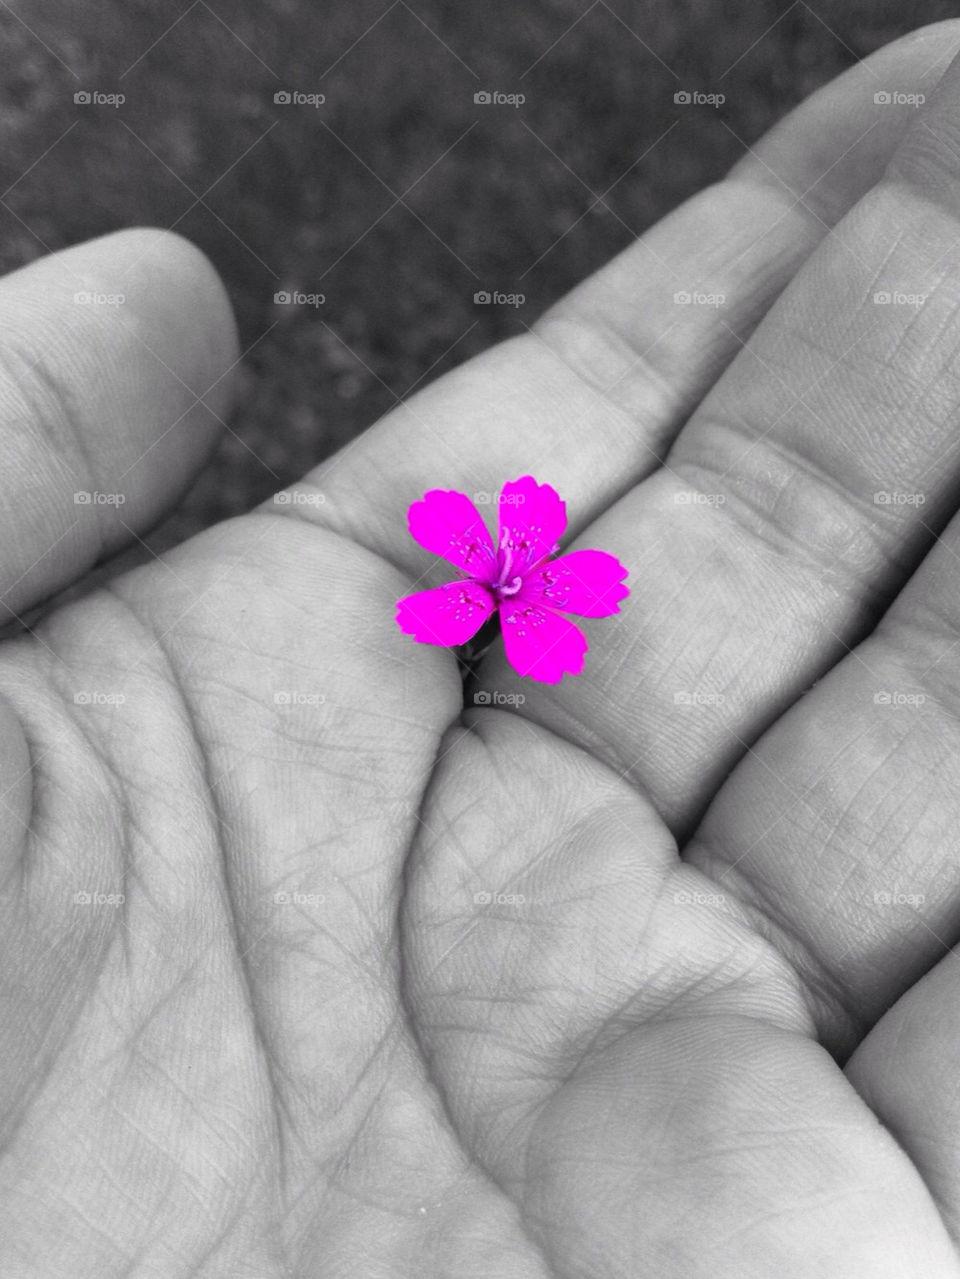 flower grass purple blomma by paula